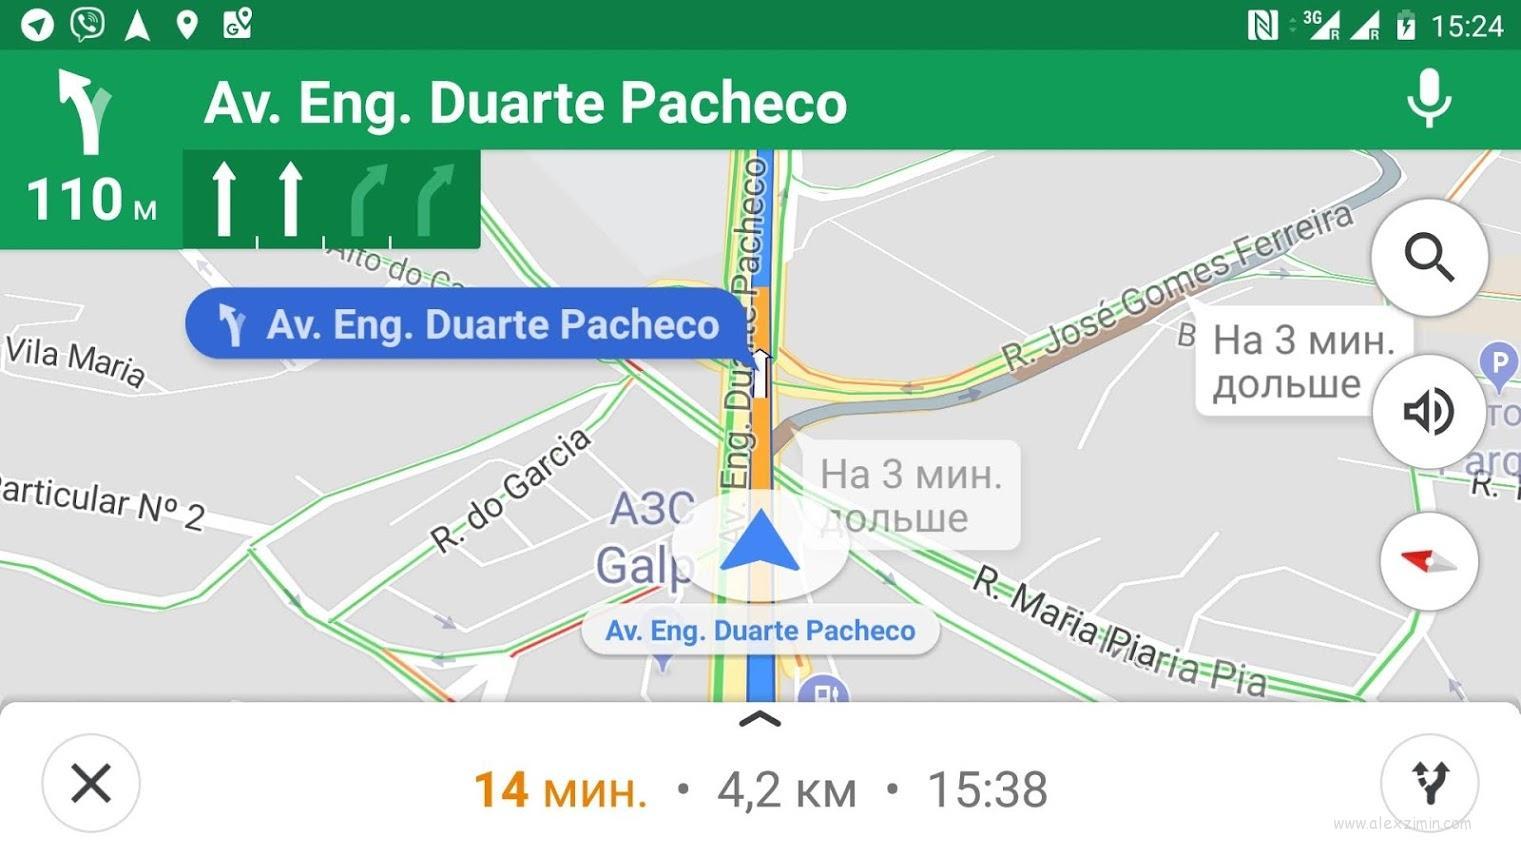 Направление движения по полосам в гугл мепс